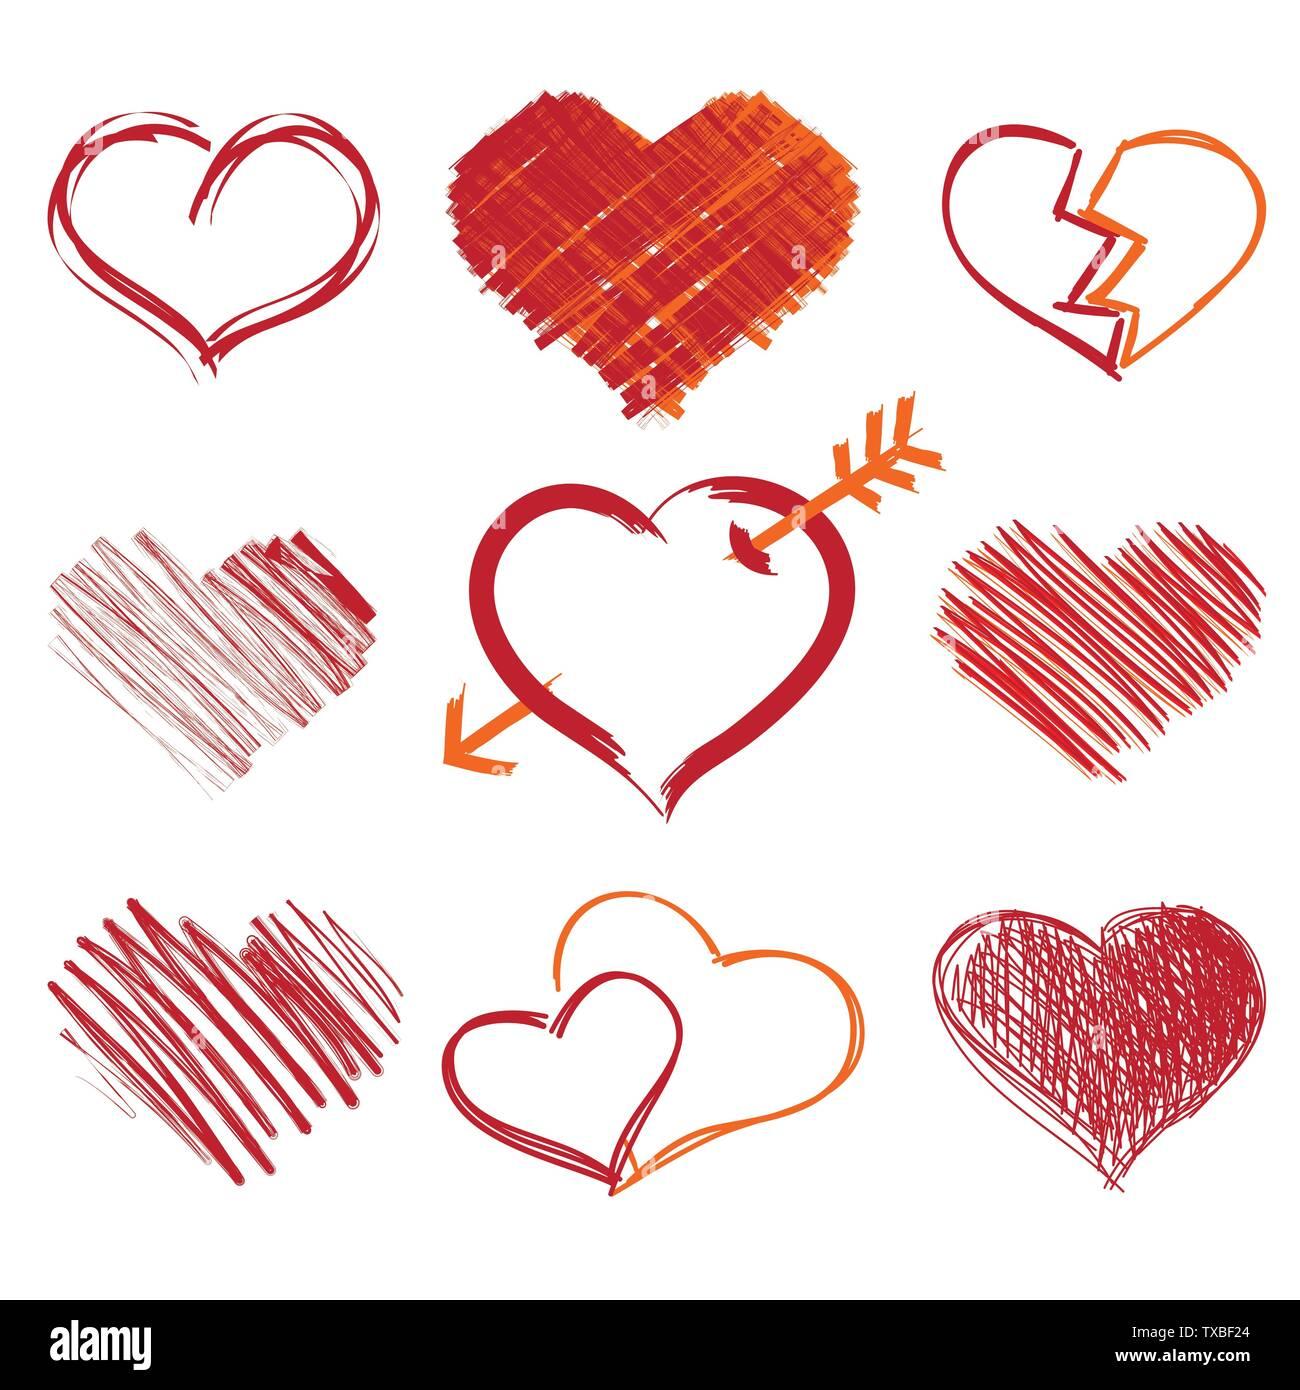 Ensemble de symboles coeur, isolé sur blanc, vecteur. Faites à la main. Photo Stock